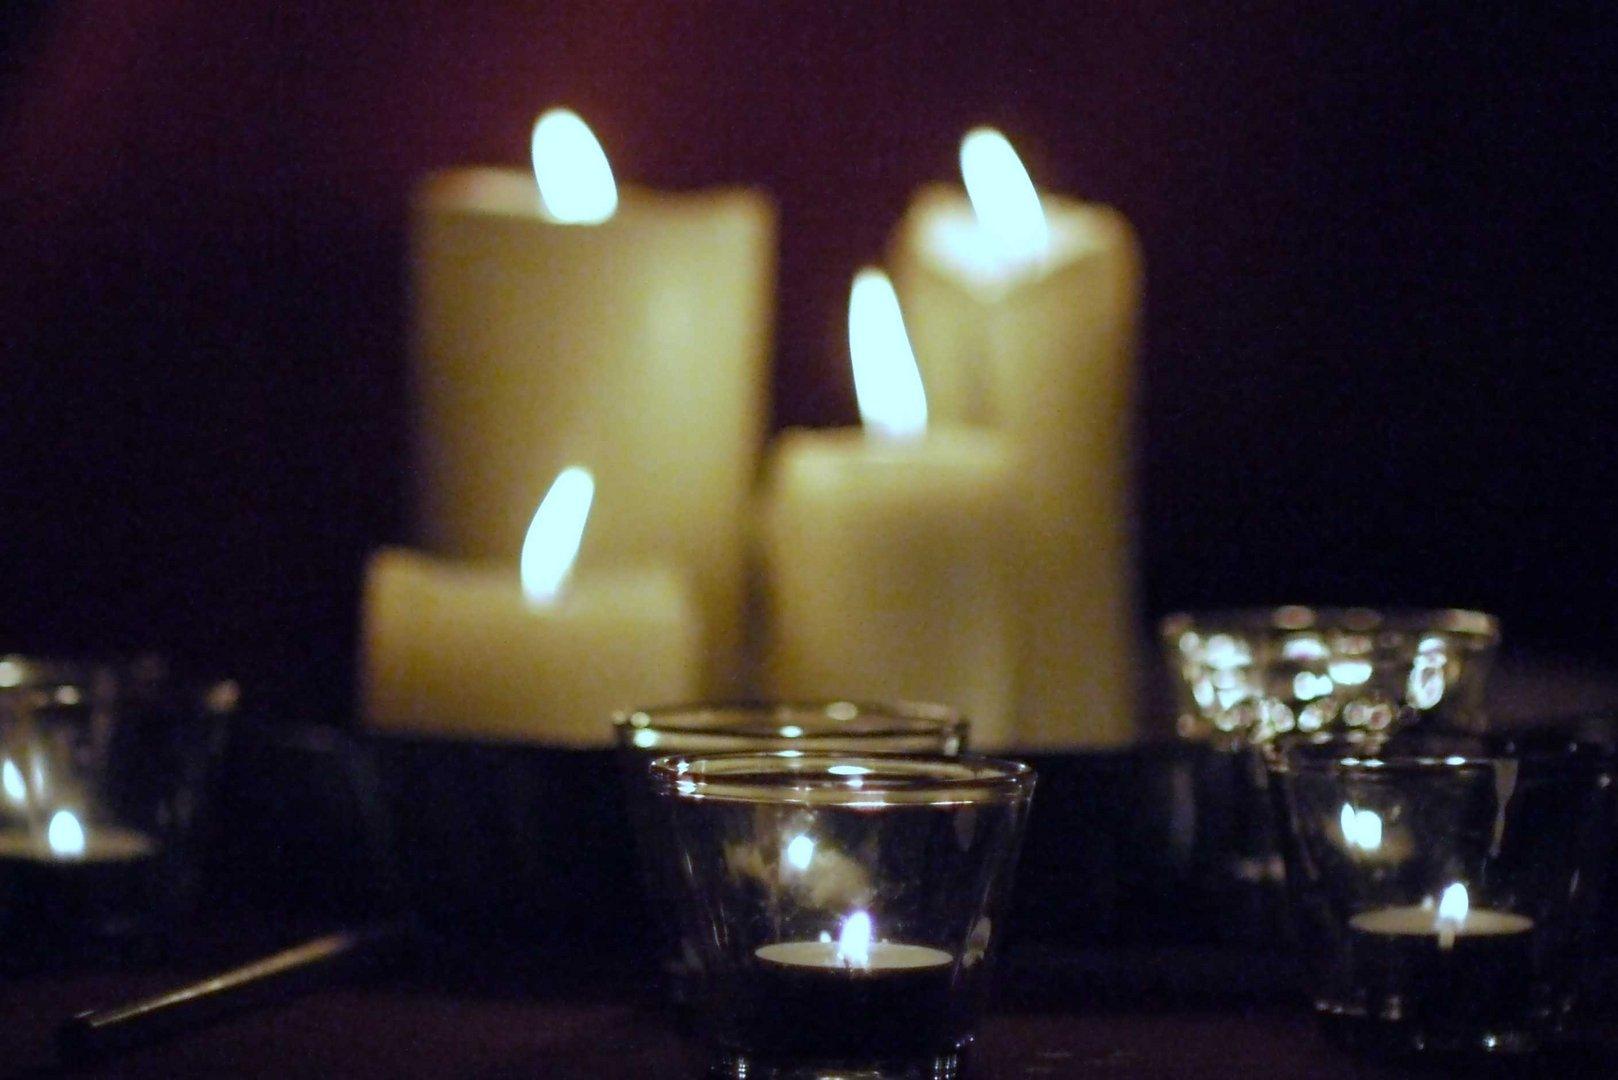 Nacht der Lichter in einer Nürnberger Kirchengemeinde November 2012